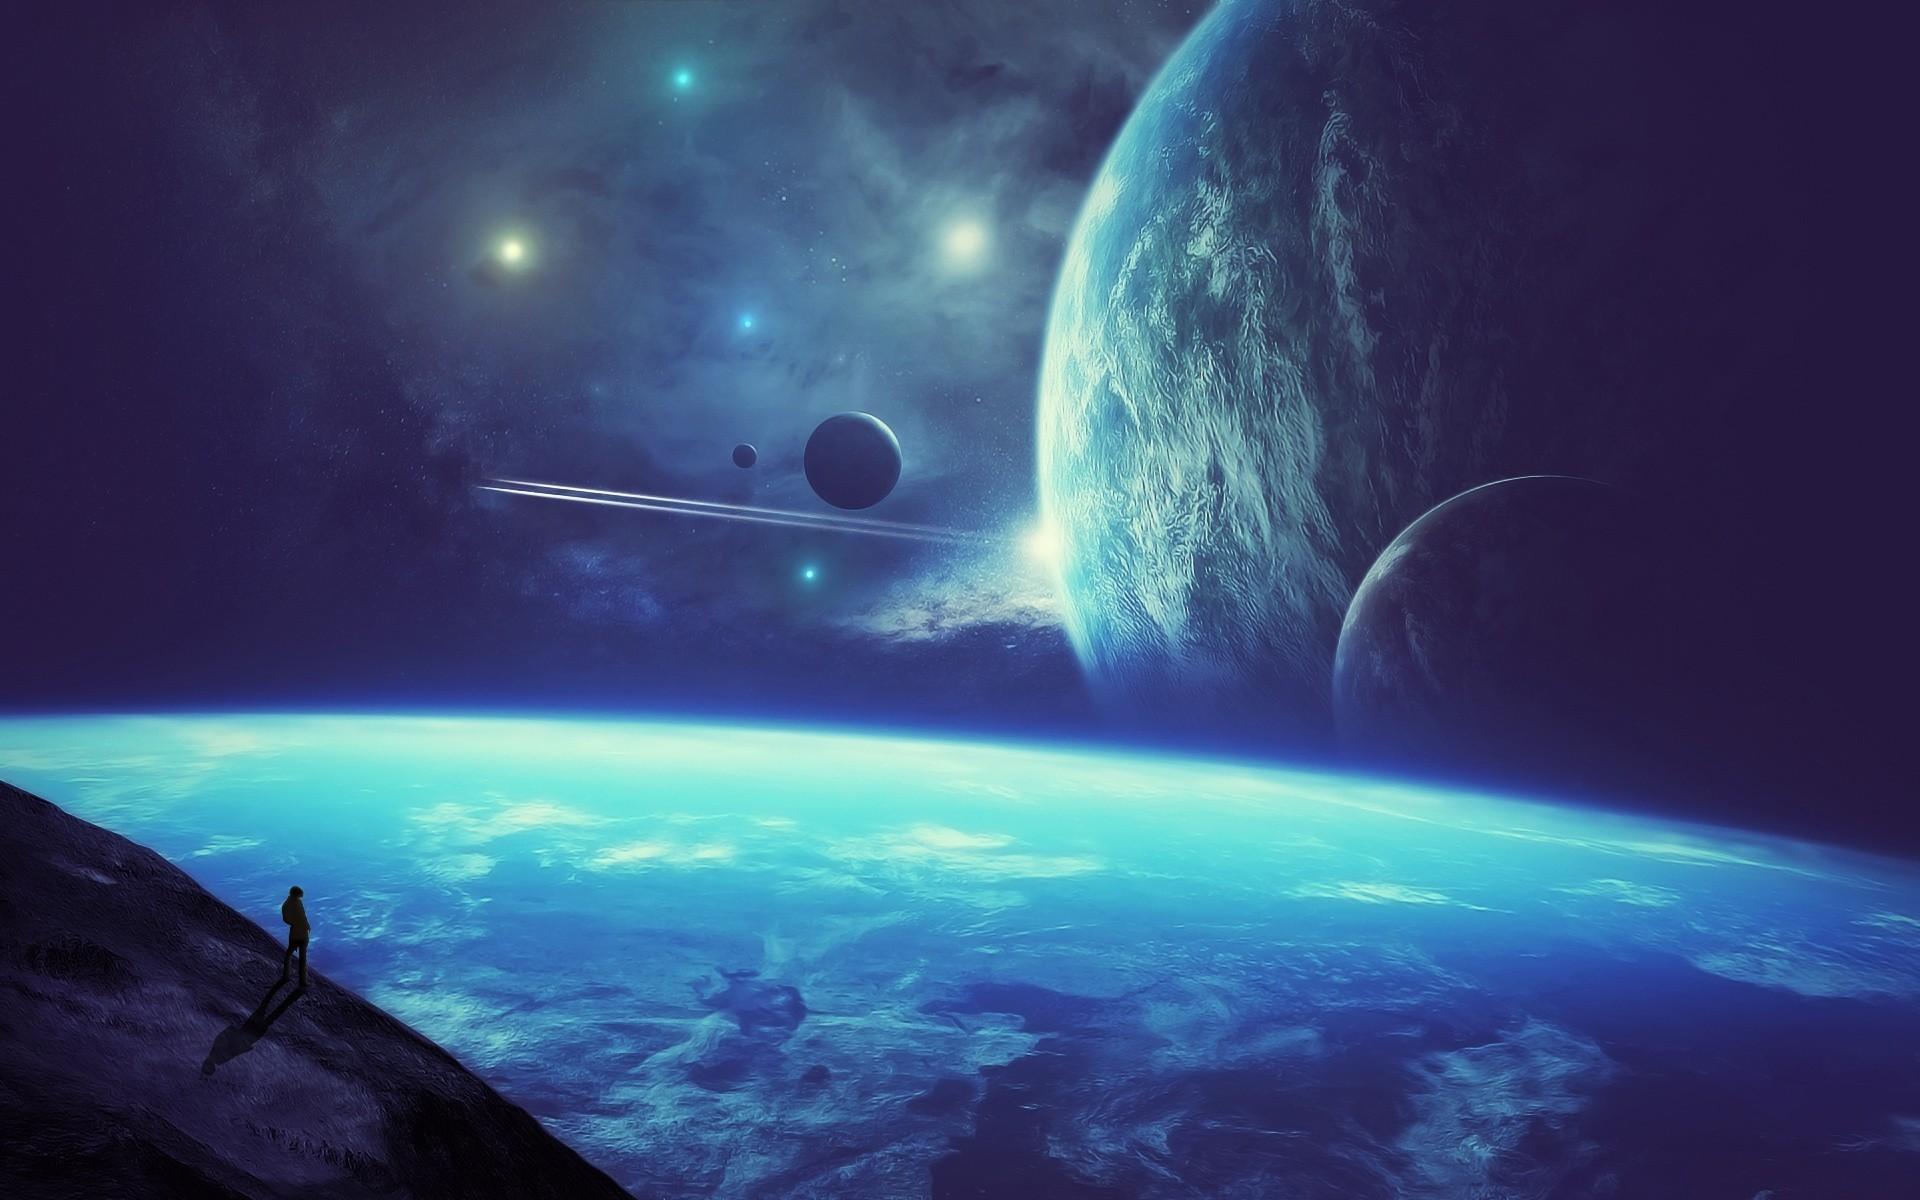 Обои космос планеты space planet картинки на рабочий стол на тему Космос - скачать бесплатно